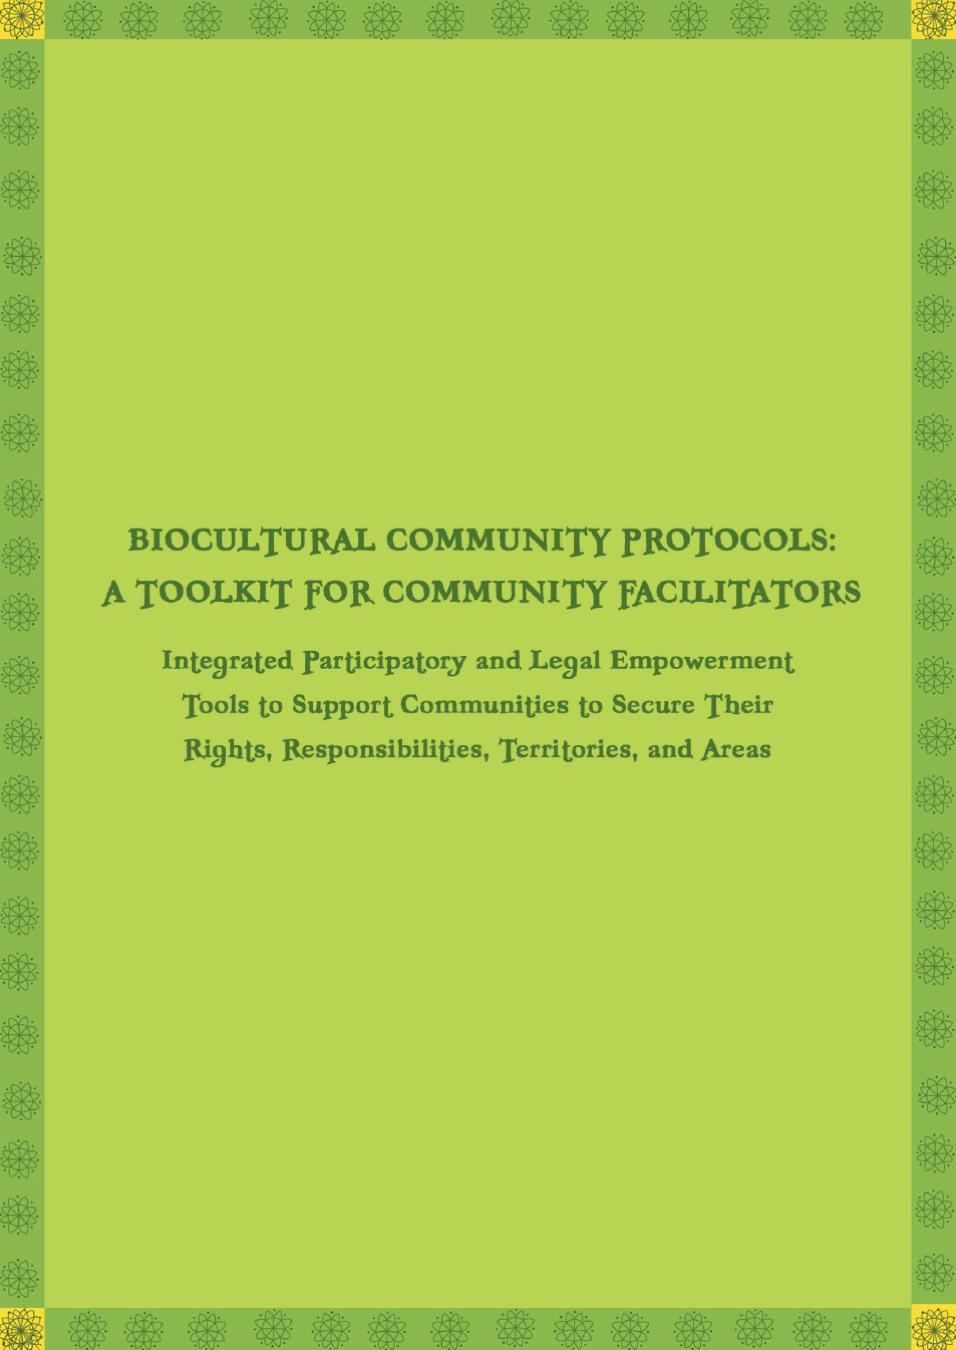 Biocultural Community Protocols: A Toolkit for Community Facilitators